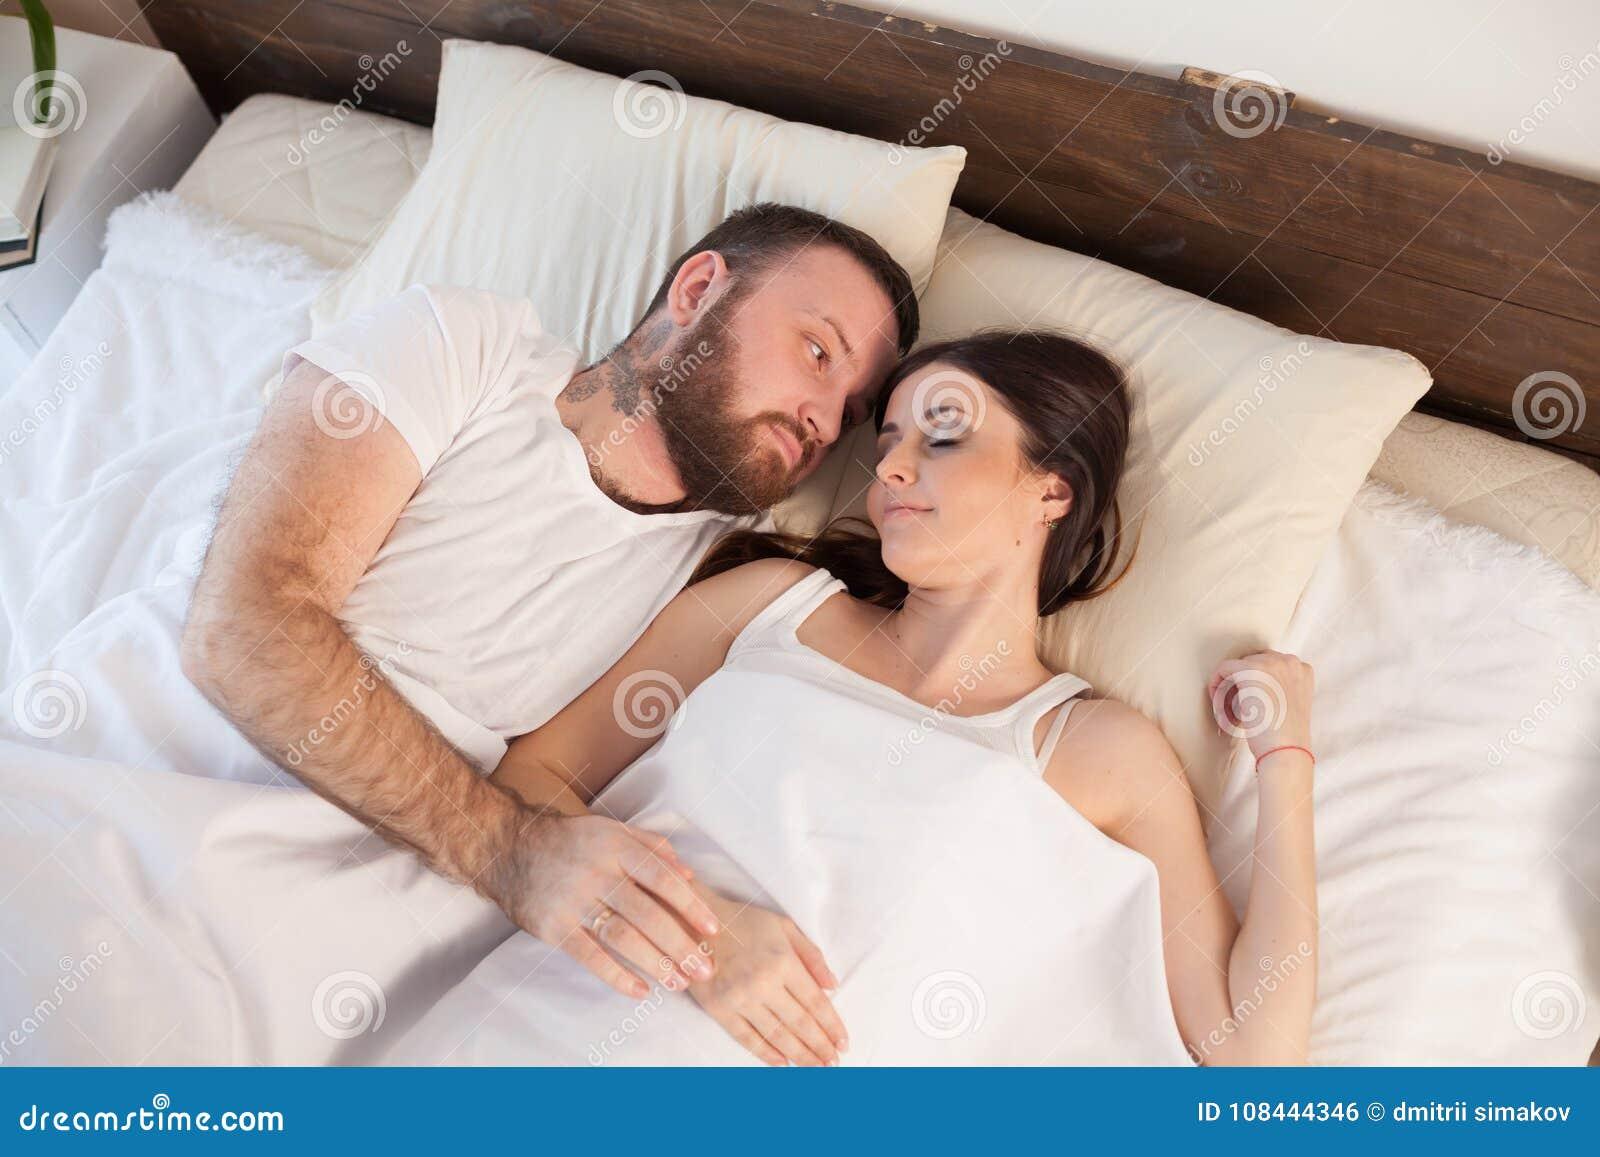 Couple sleeping Married